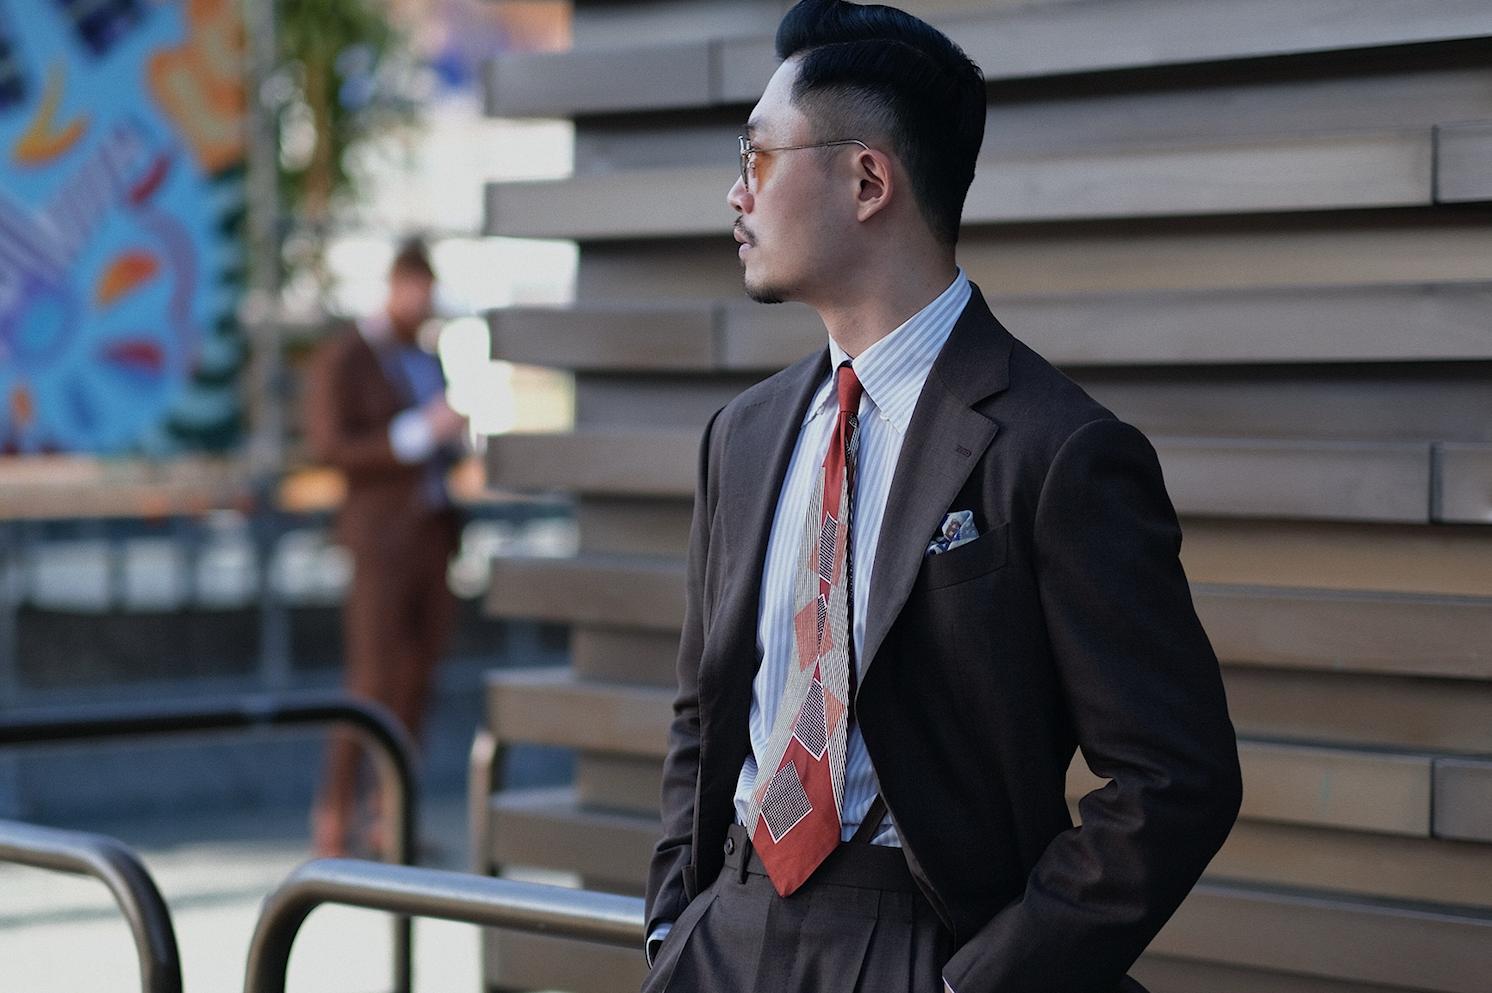 我们专程去Pitti Uomo问了问,精致绅士夏日应该如何穿搭?